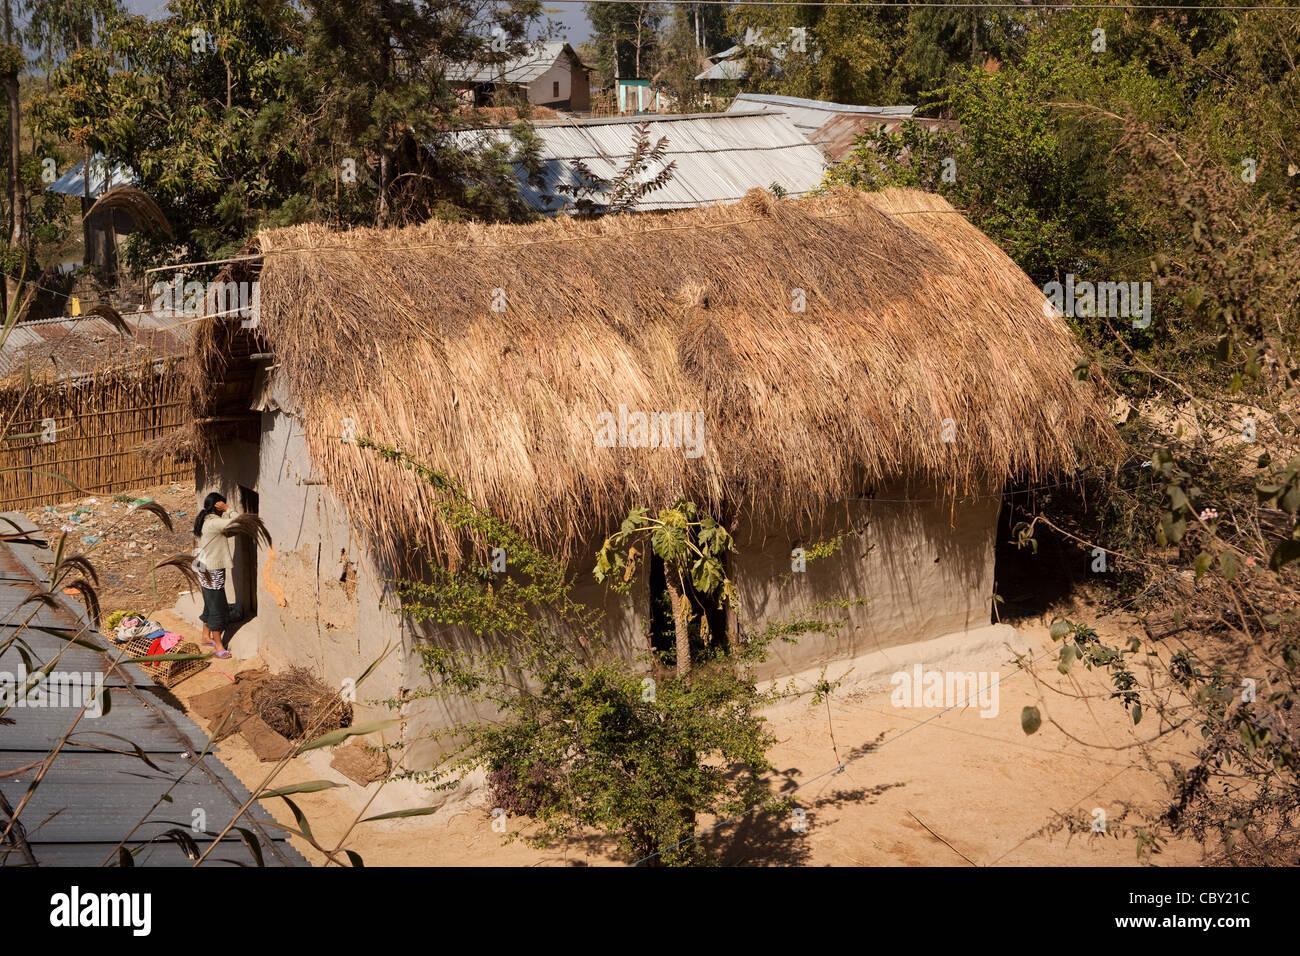 Indien, Manipur, Imphal, Loktak See, Sendra Insel, Fischer Haus Aus Holz  Und Stroh Mit Dung Rendern